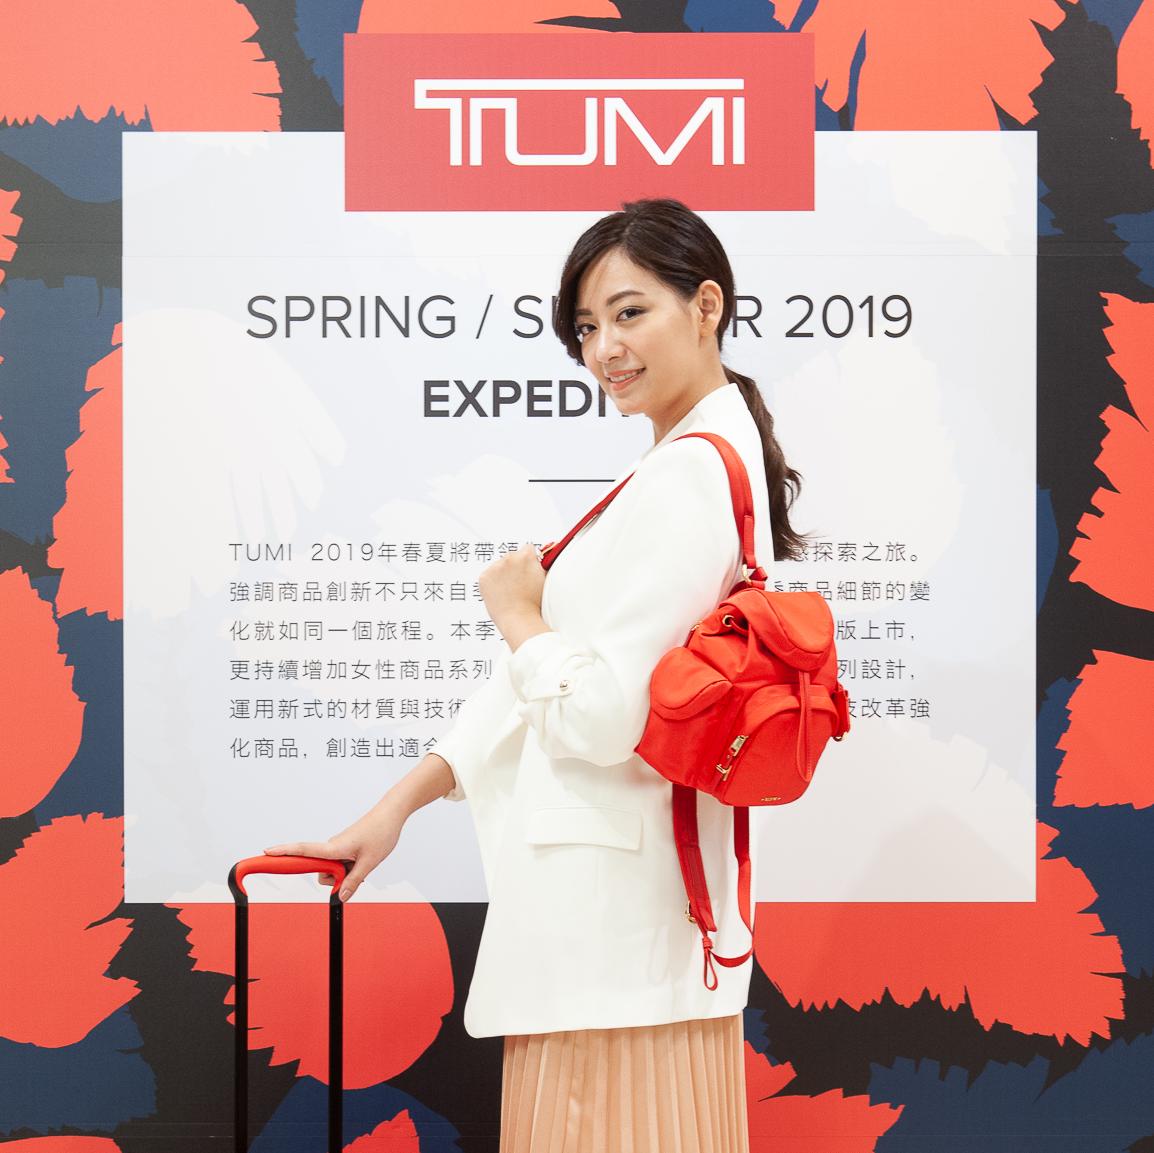 創新美學,非凡工藝─TUMI 2019 春夏系列